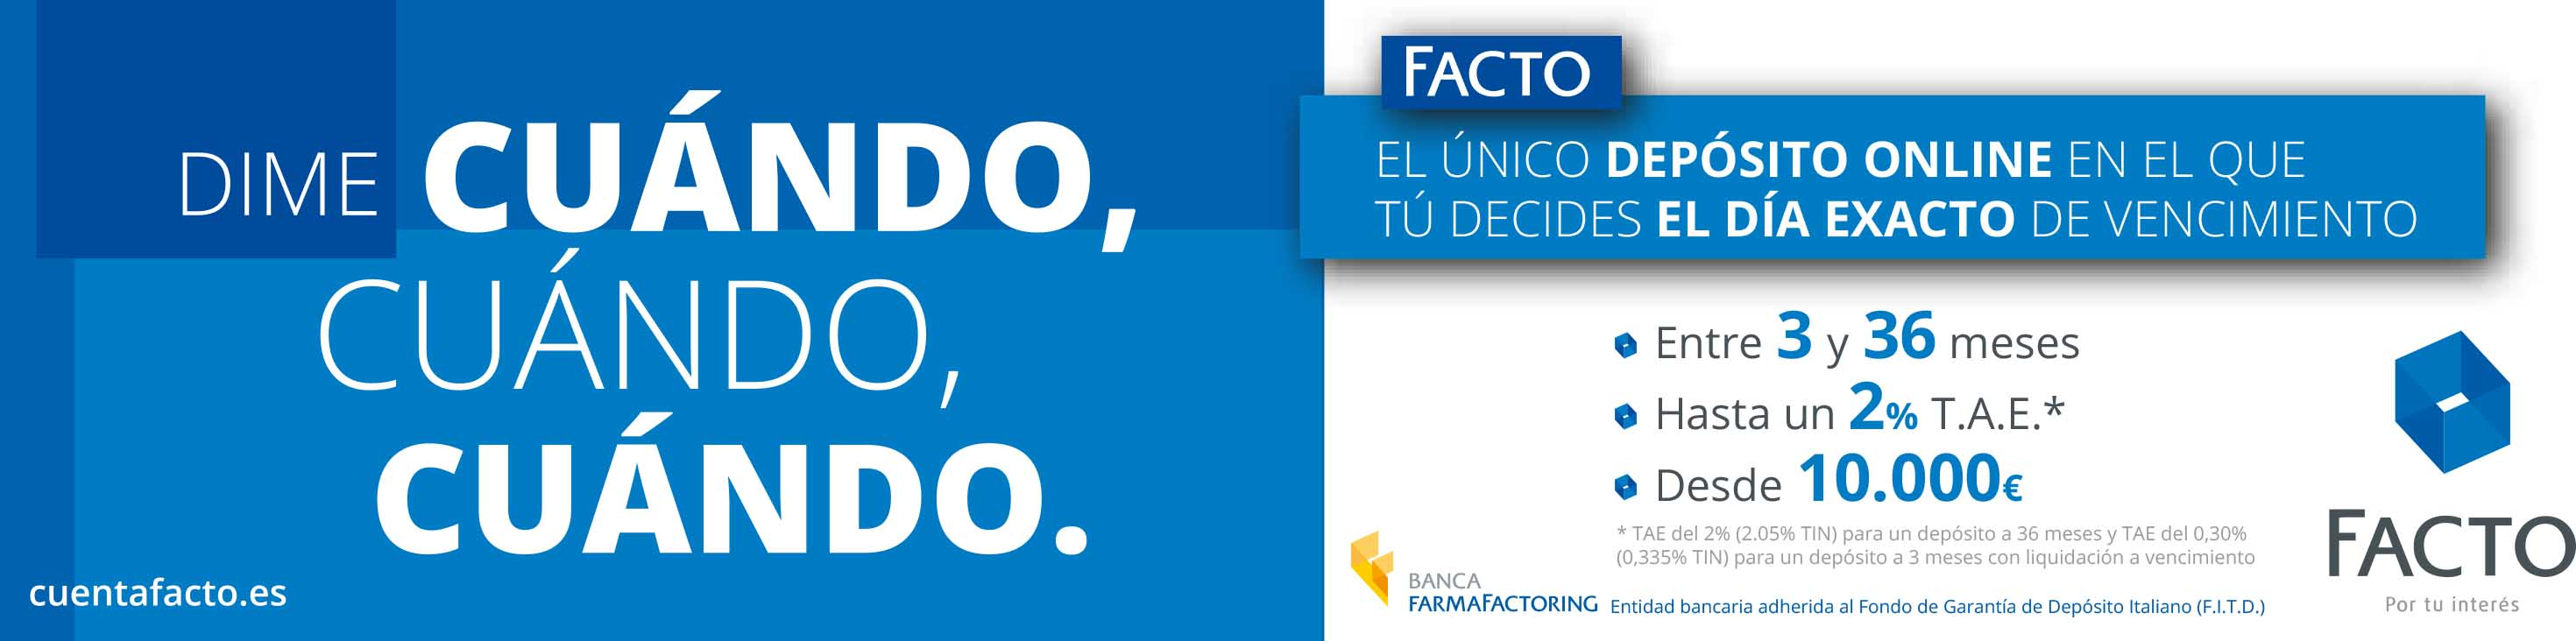 DEF_faldonfacto